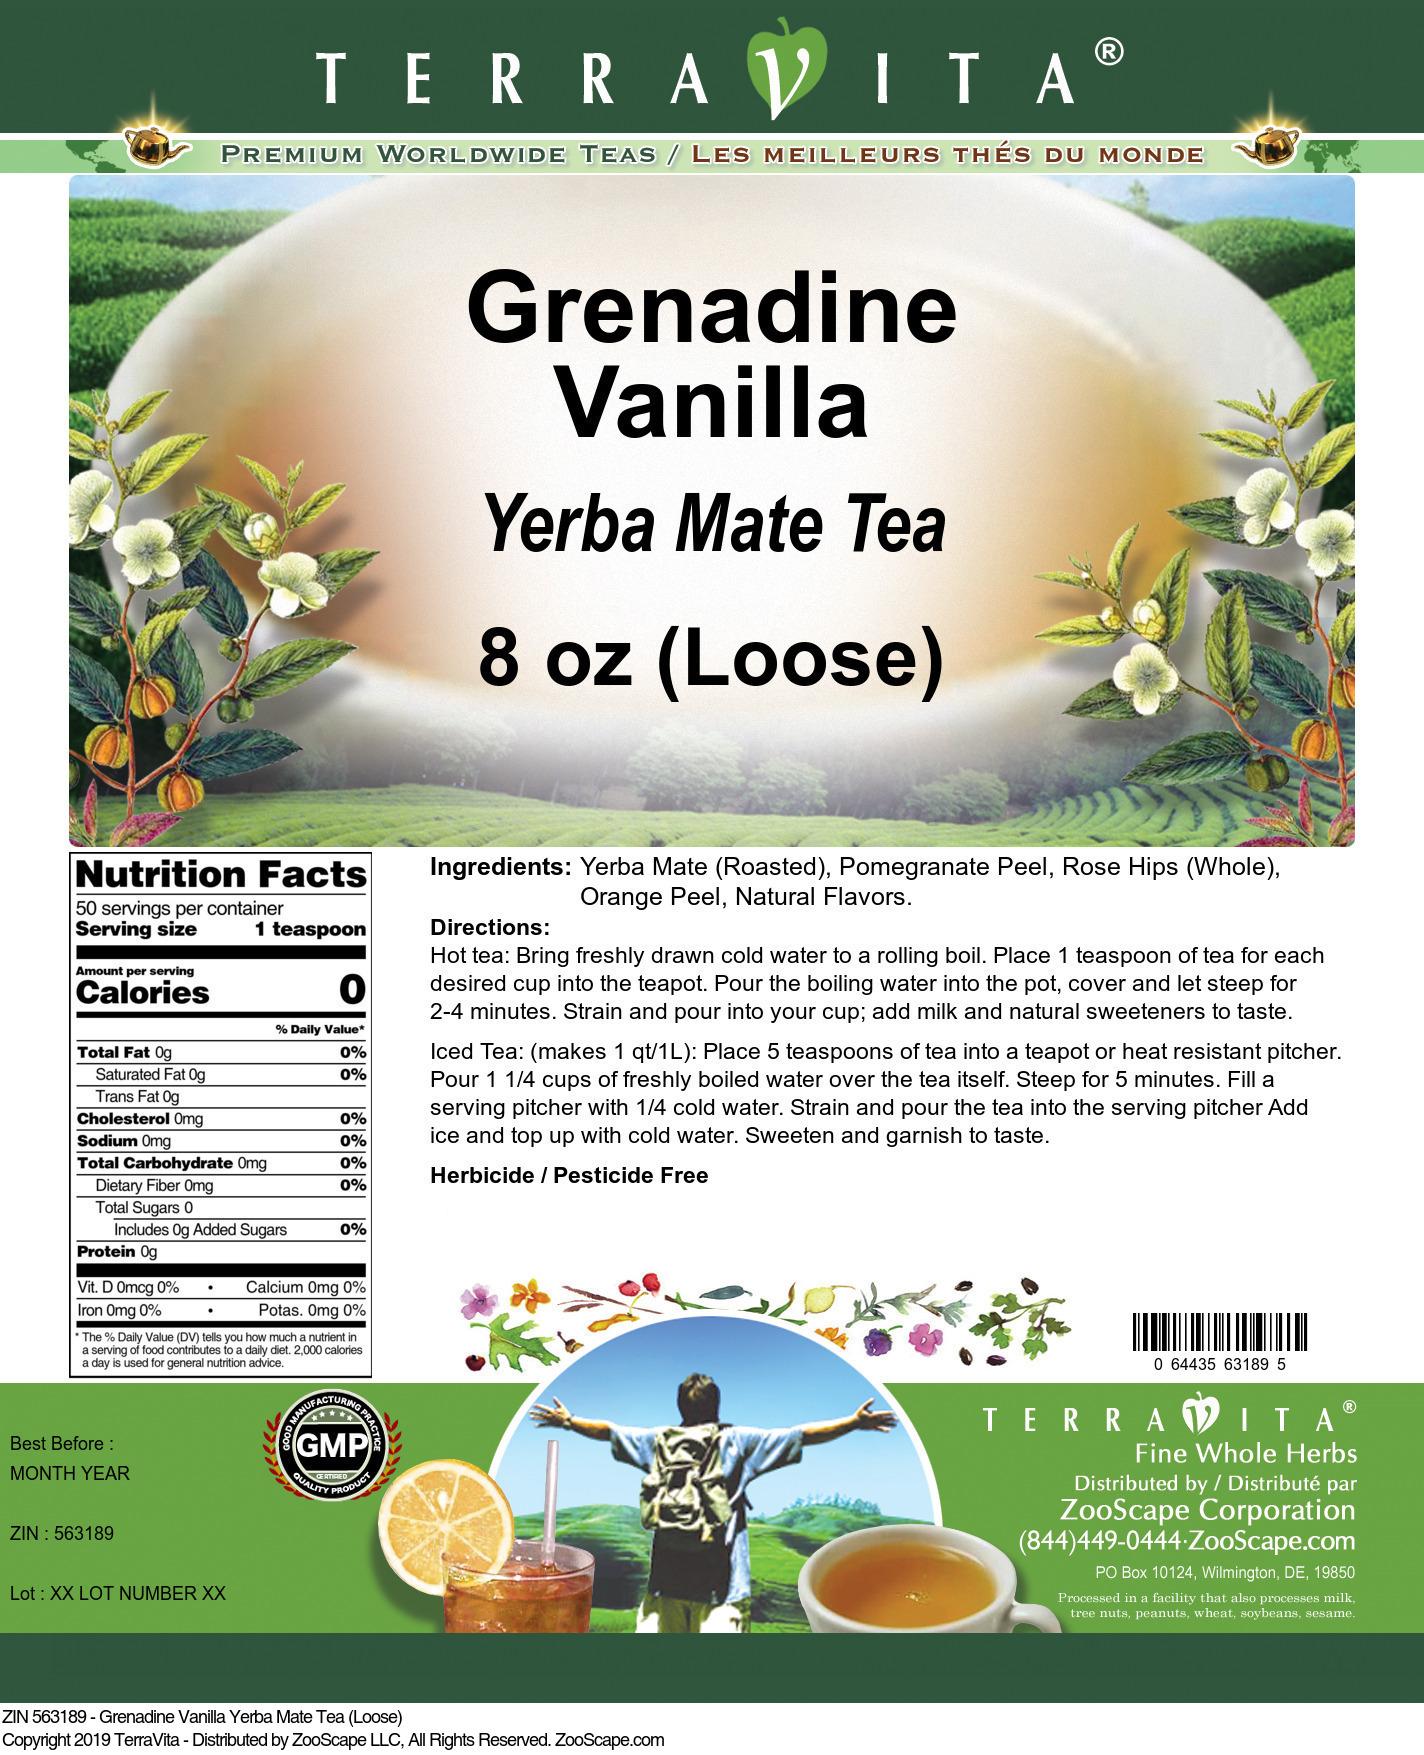 Grenadine Vanilla Yerba Mate